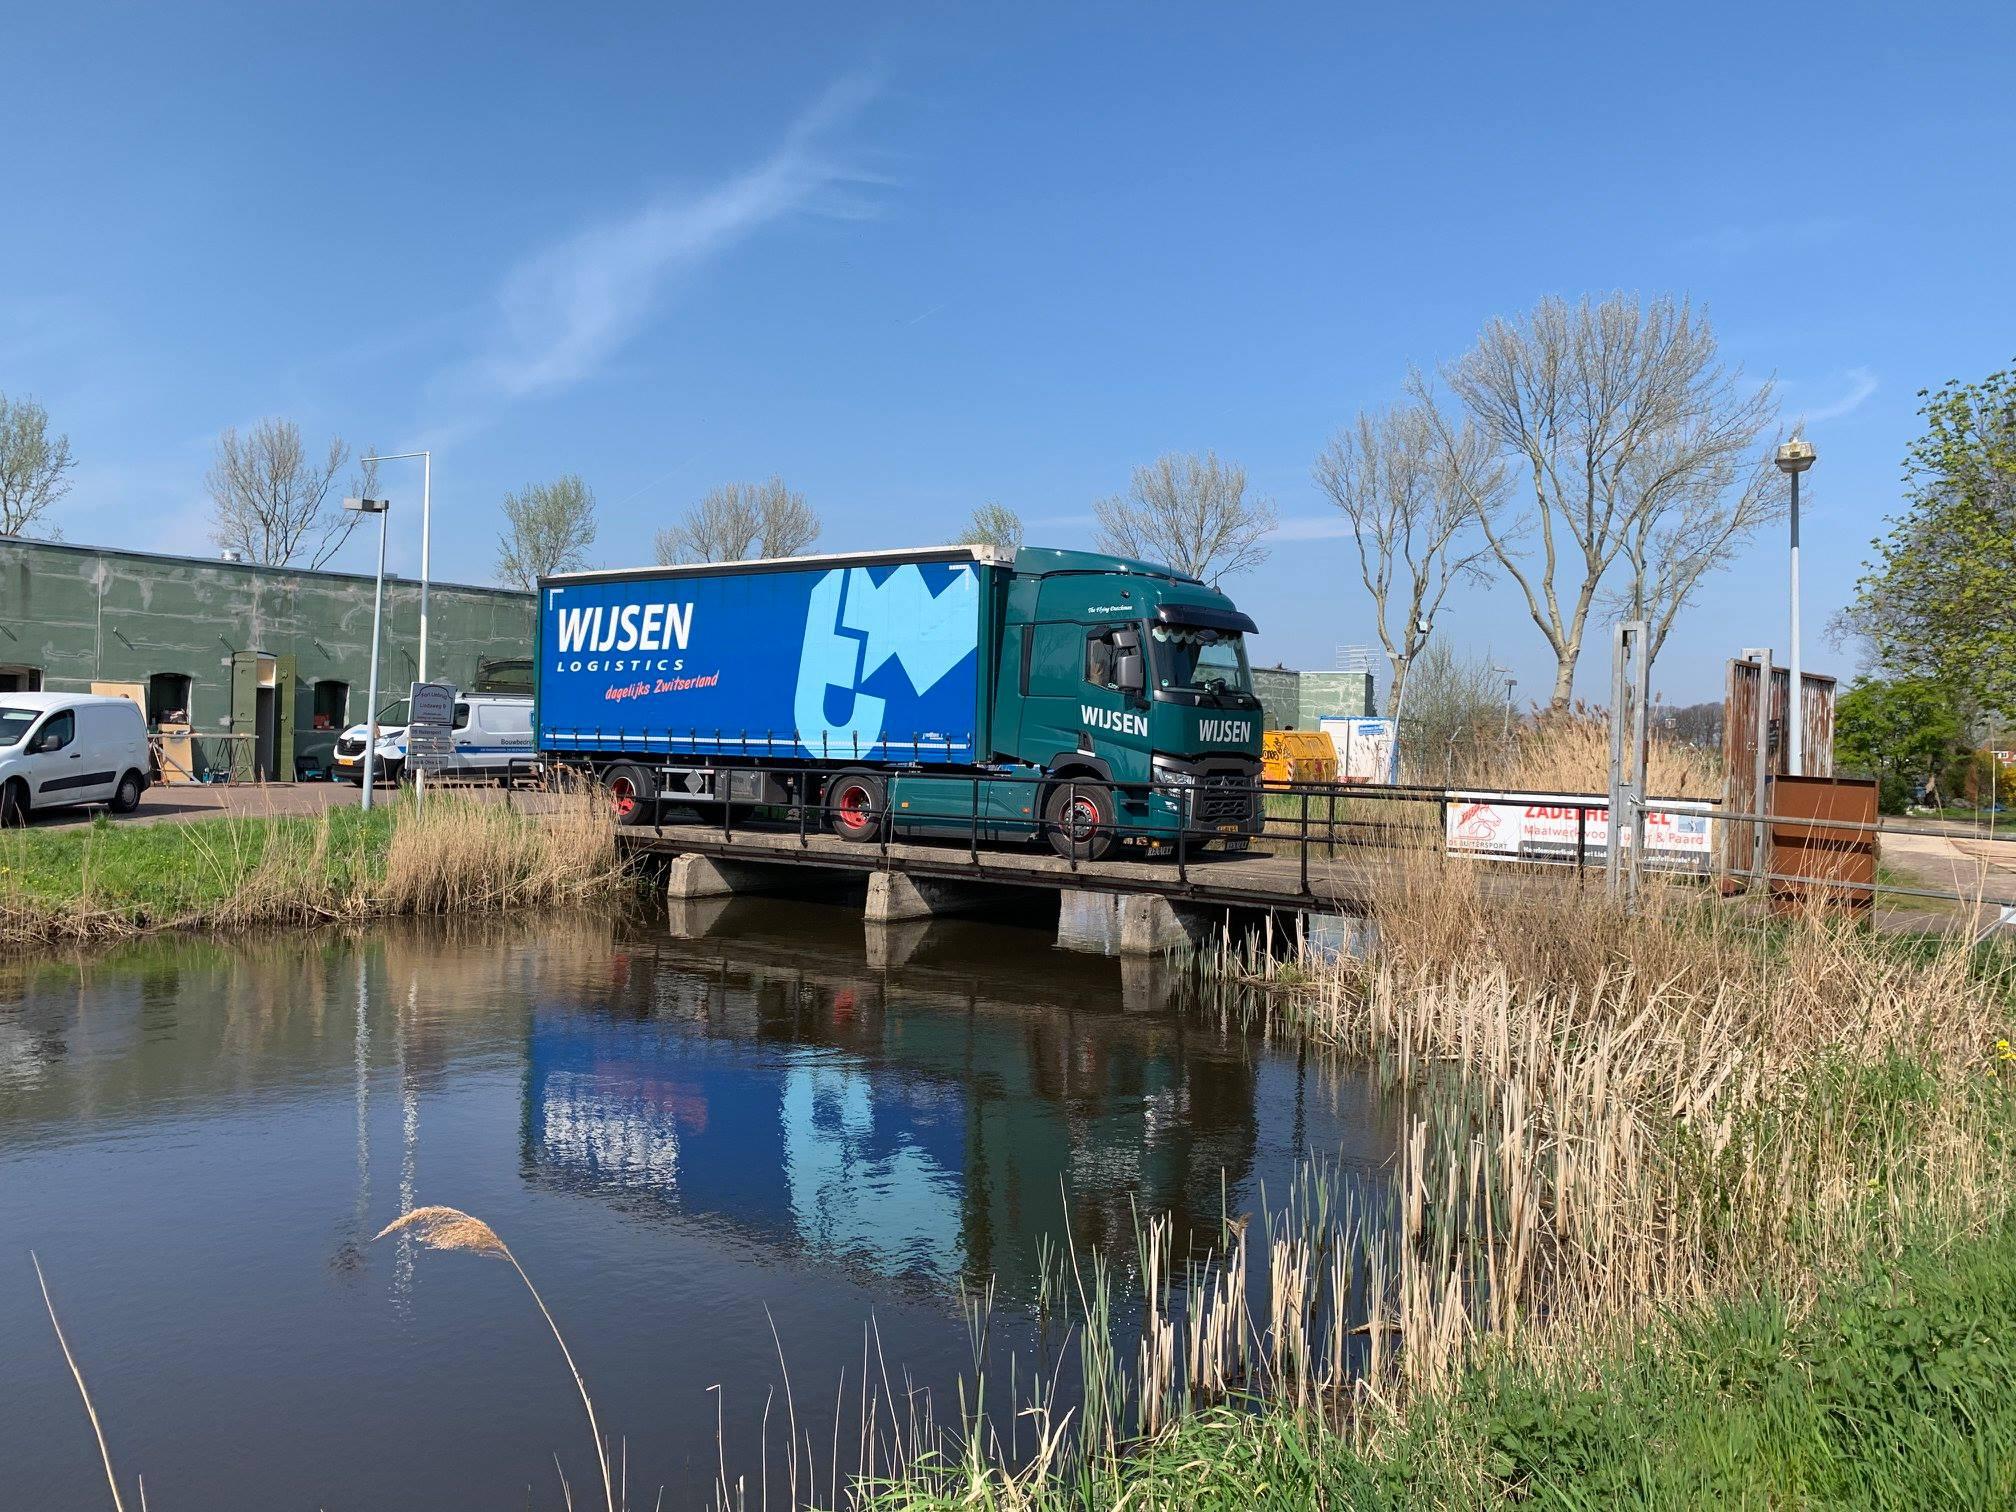 Haarlemmerliede--9-4-2019-